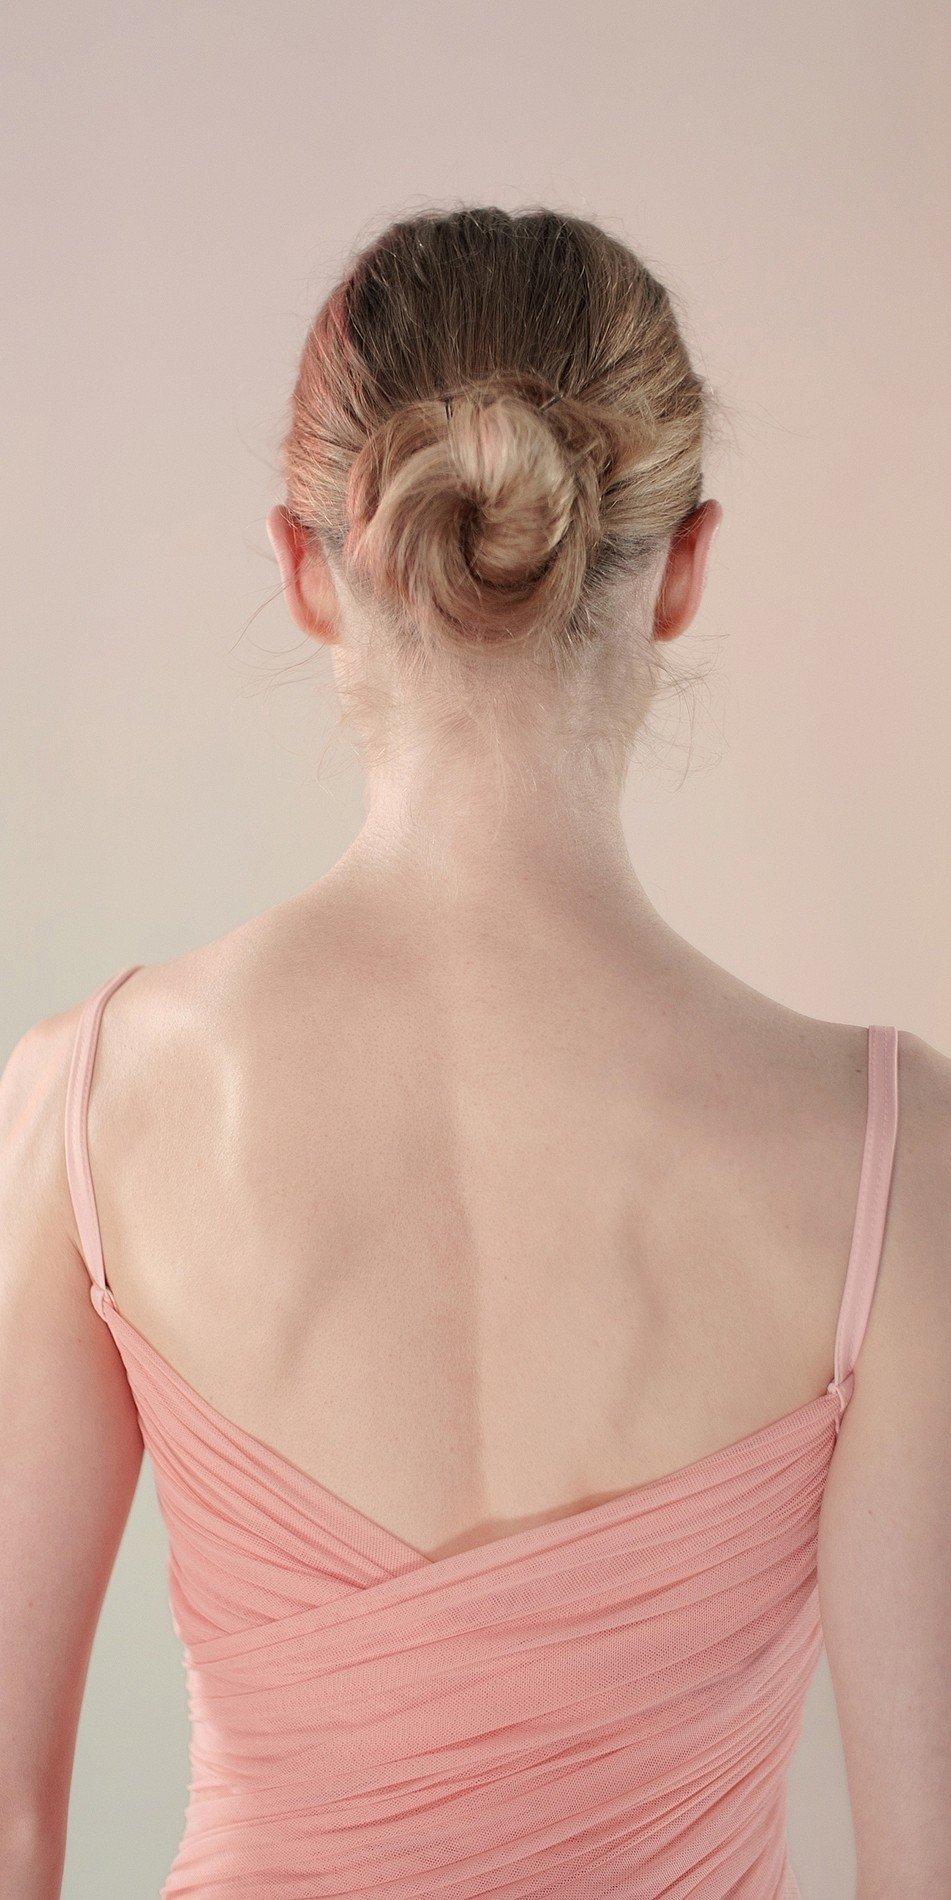 Gres draped leotard blush 1 r